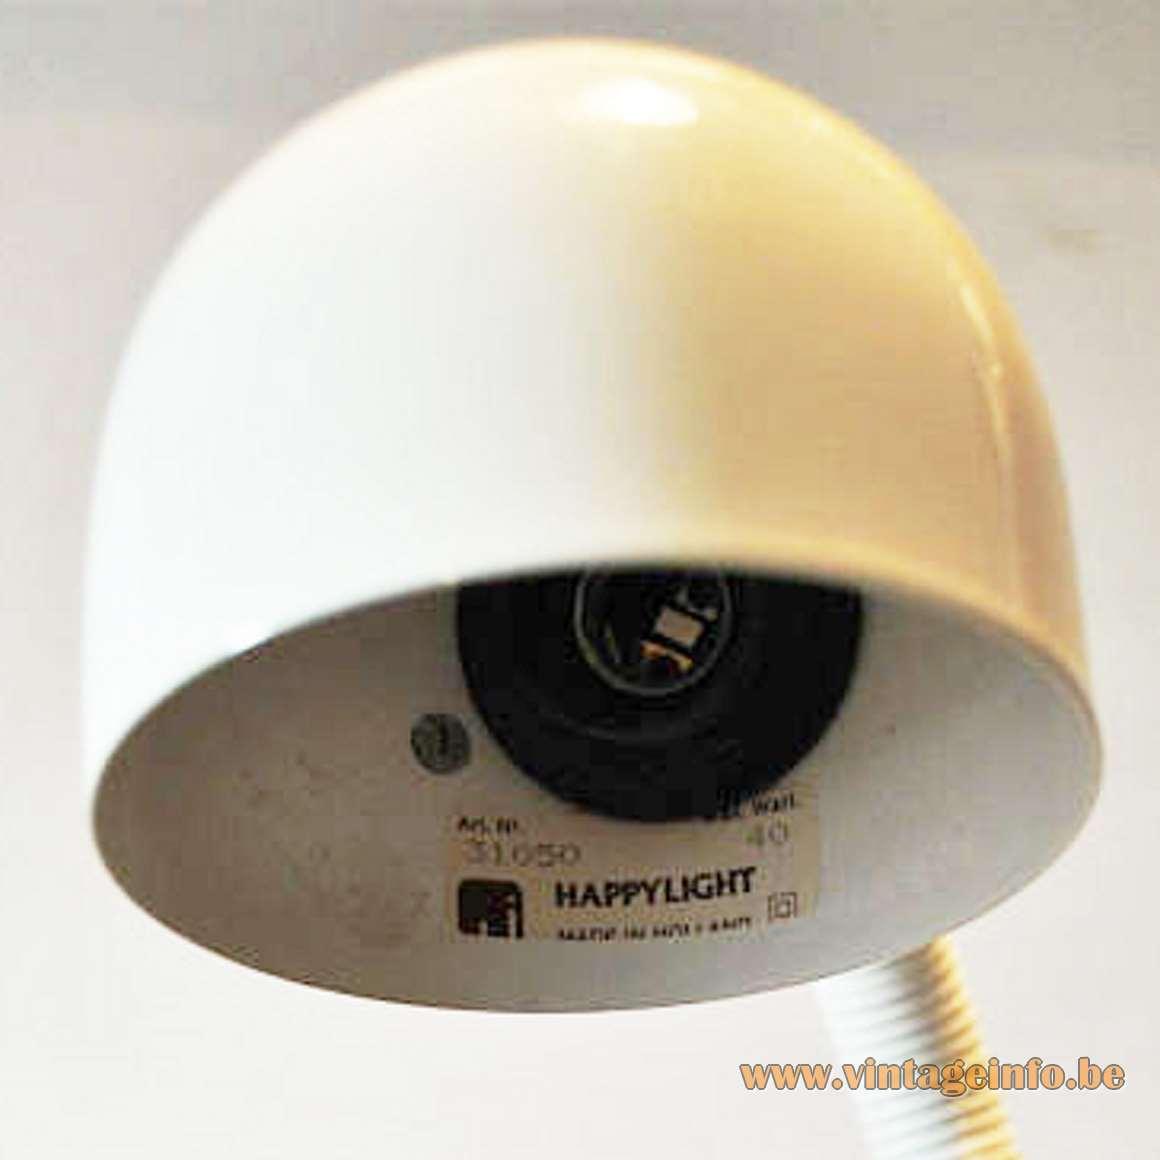 1980s Happylight Snake Lamp, model 31050